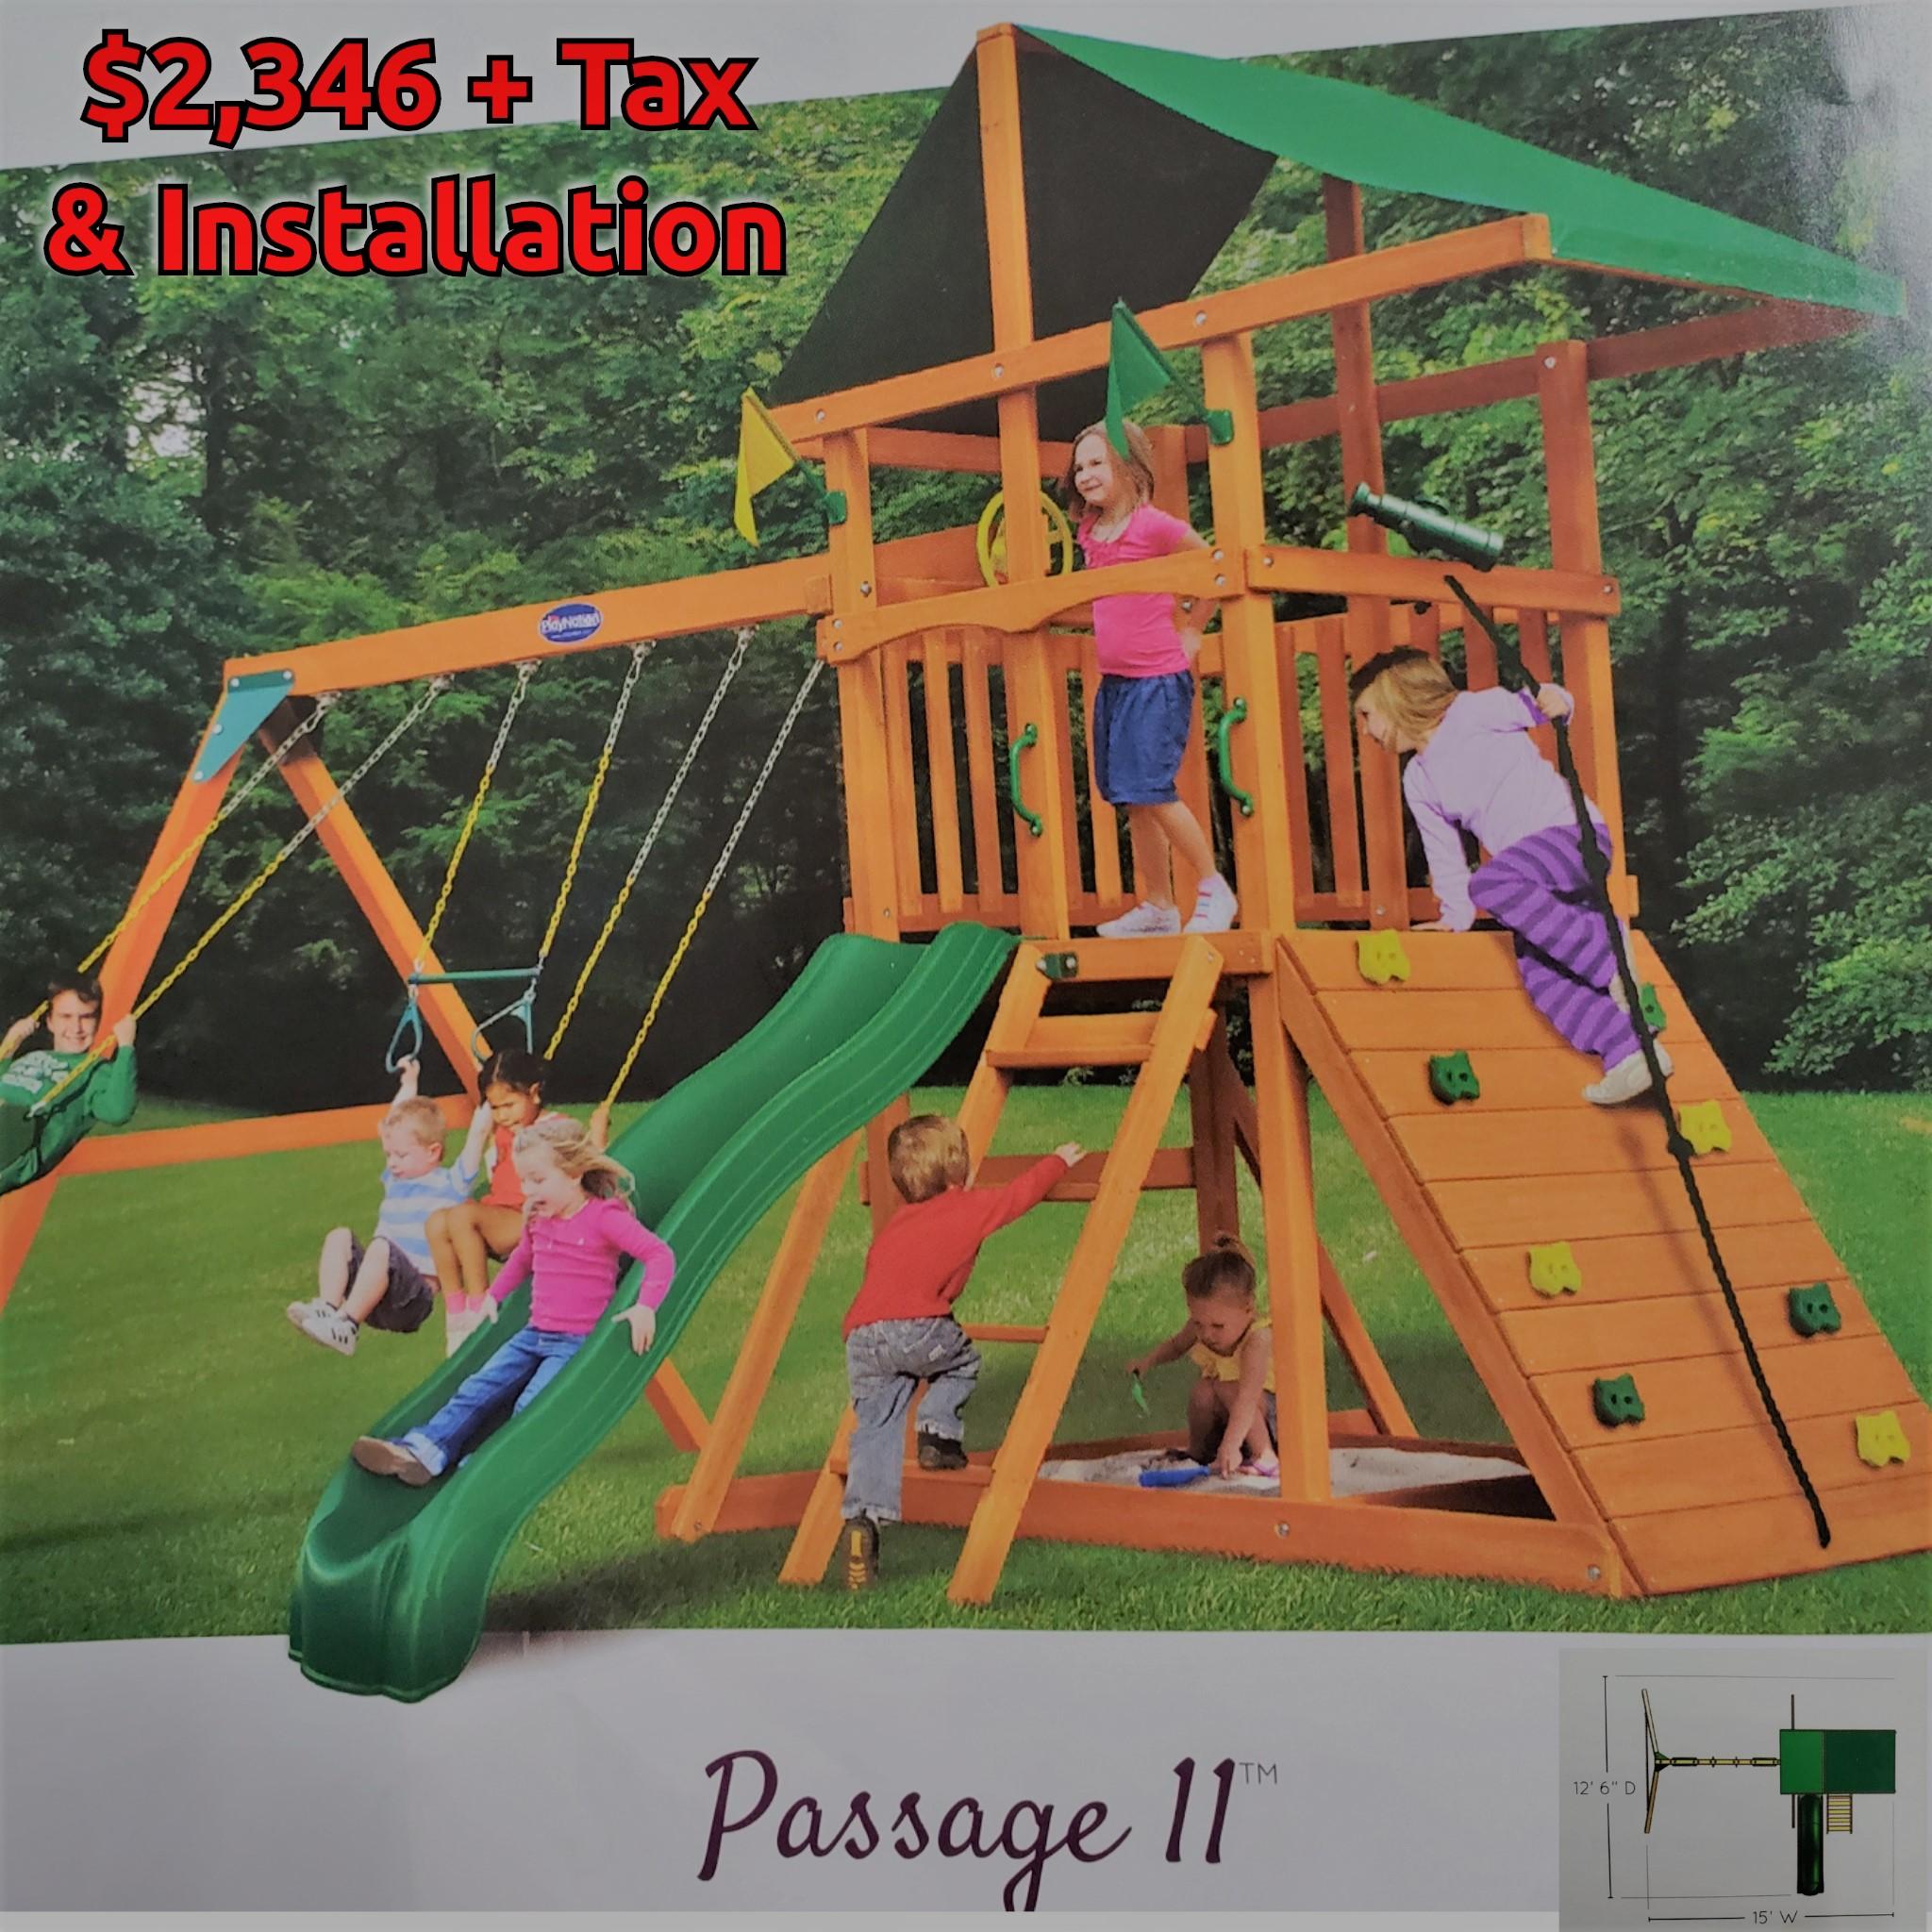 Passage 2 - $2,346